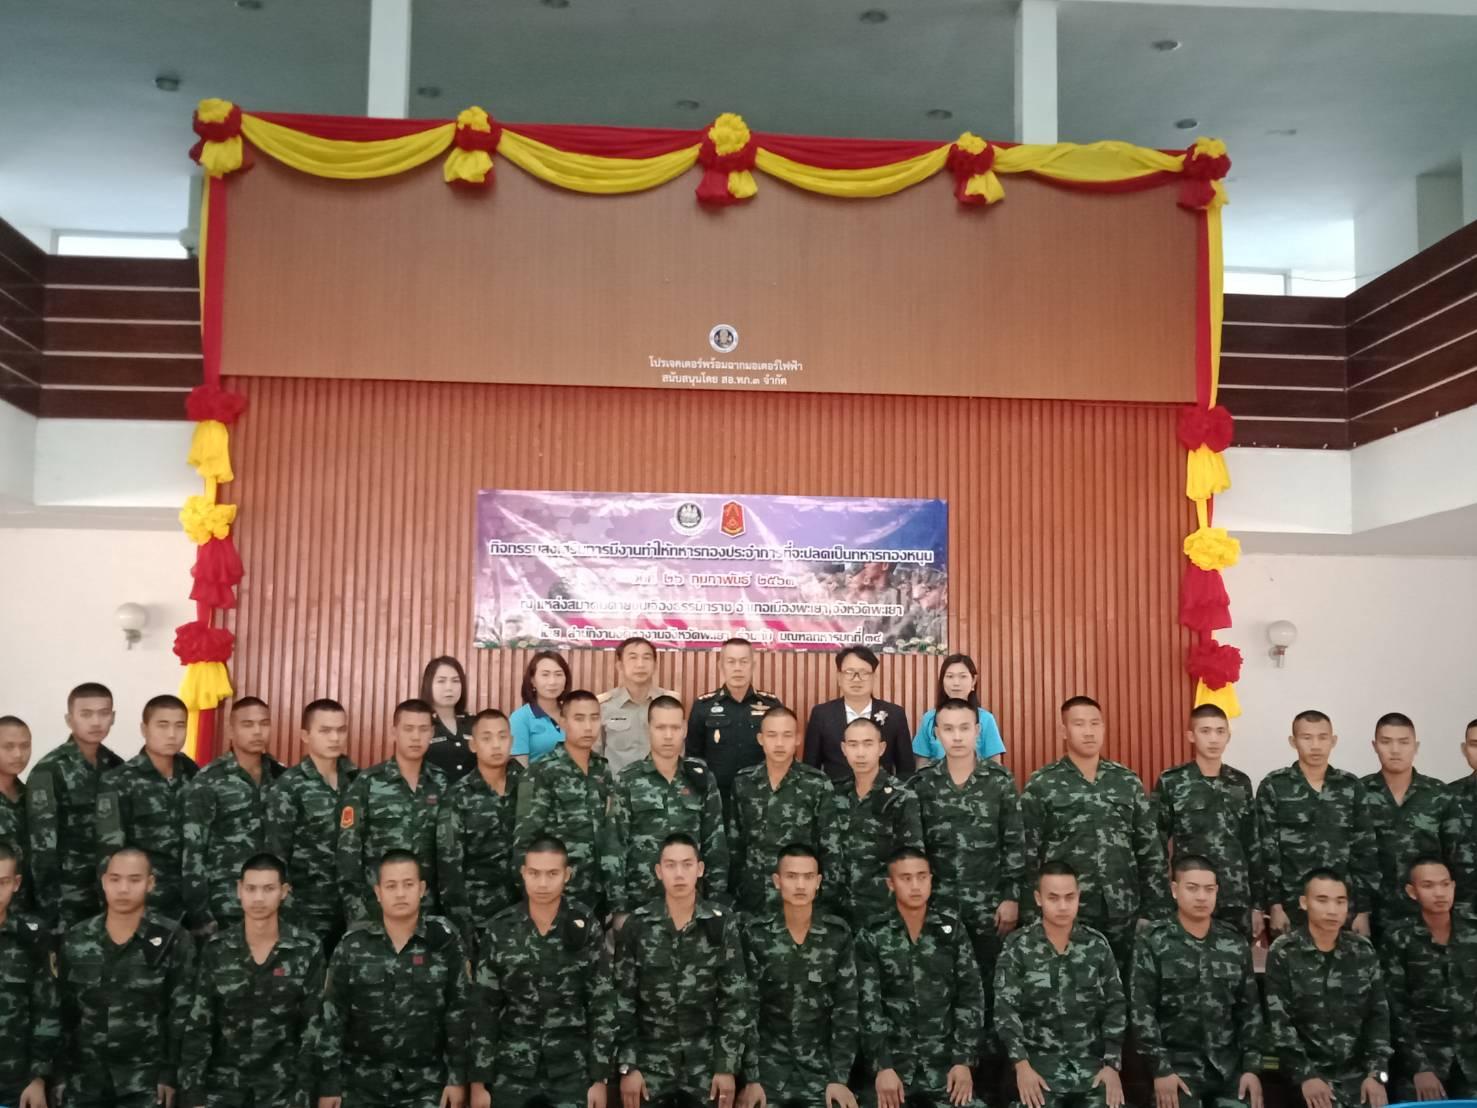 กิจกรรมส่งเสริมการประกอบอาชีพให้ทหารกองประจำการที่จะปลดเป็นทหารกองหนุน